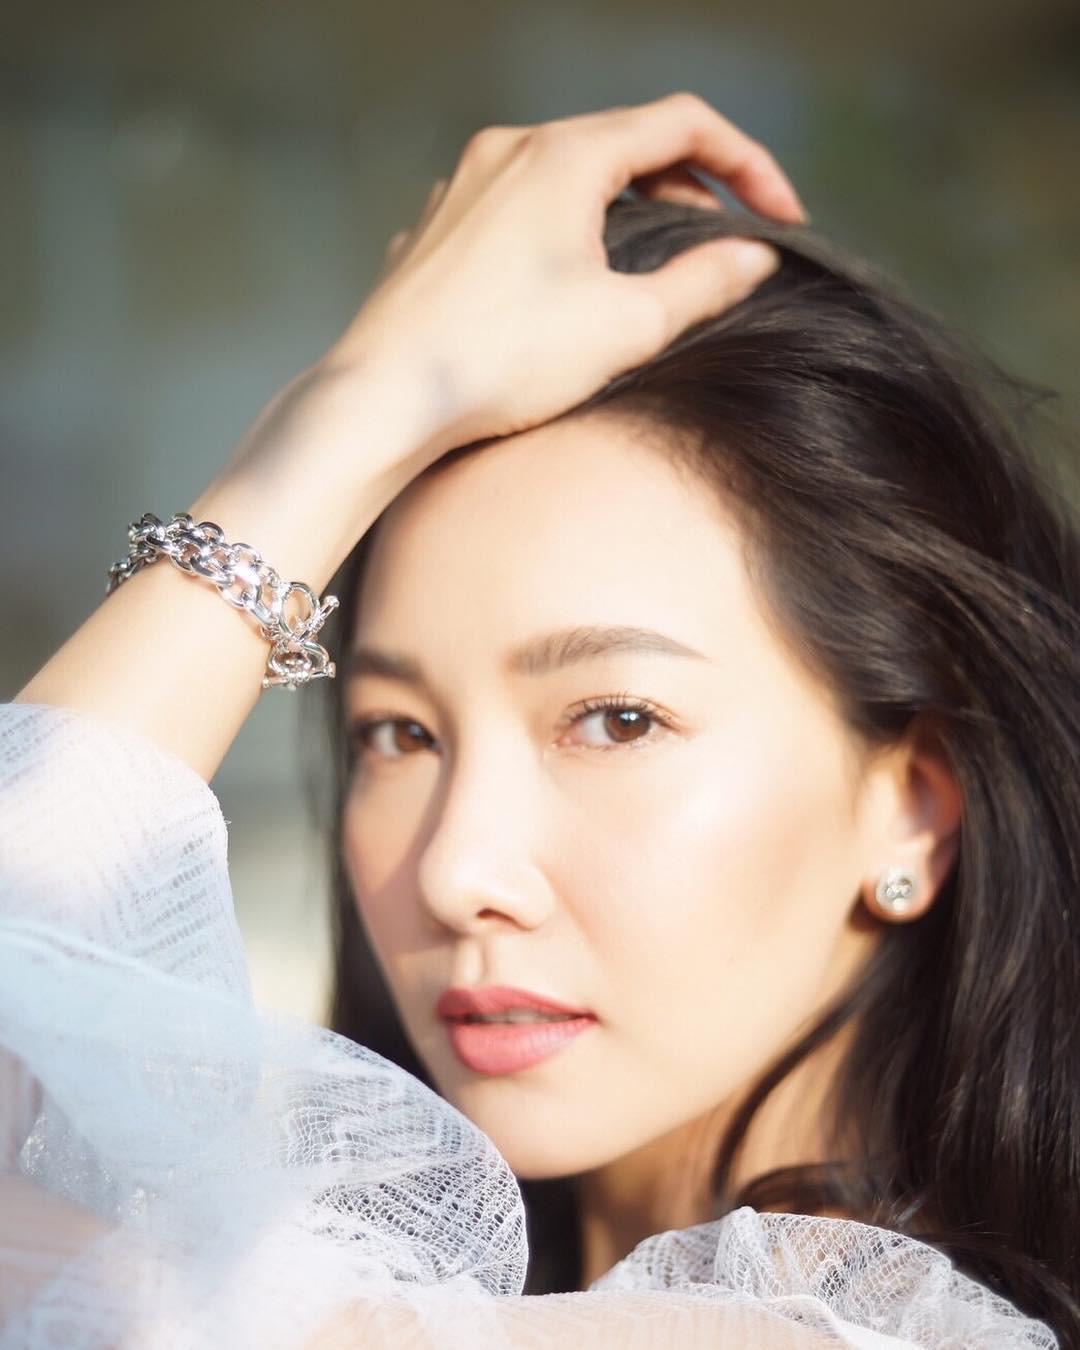 Minh tinh Thái lấy chồng siêu giàu: Người được cung phụng như bà hoàng, kẻ lấy bố của bạn, ly hôn trong thị phi-11